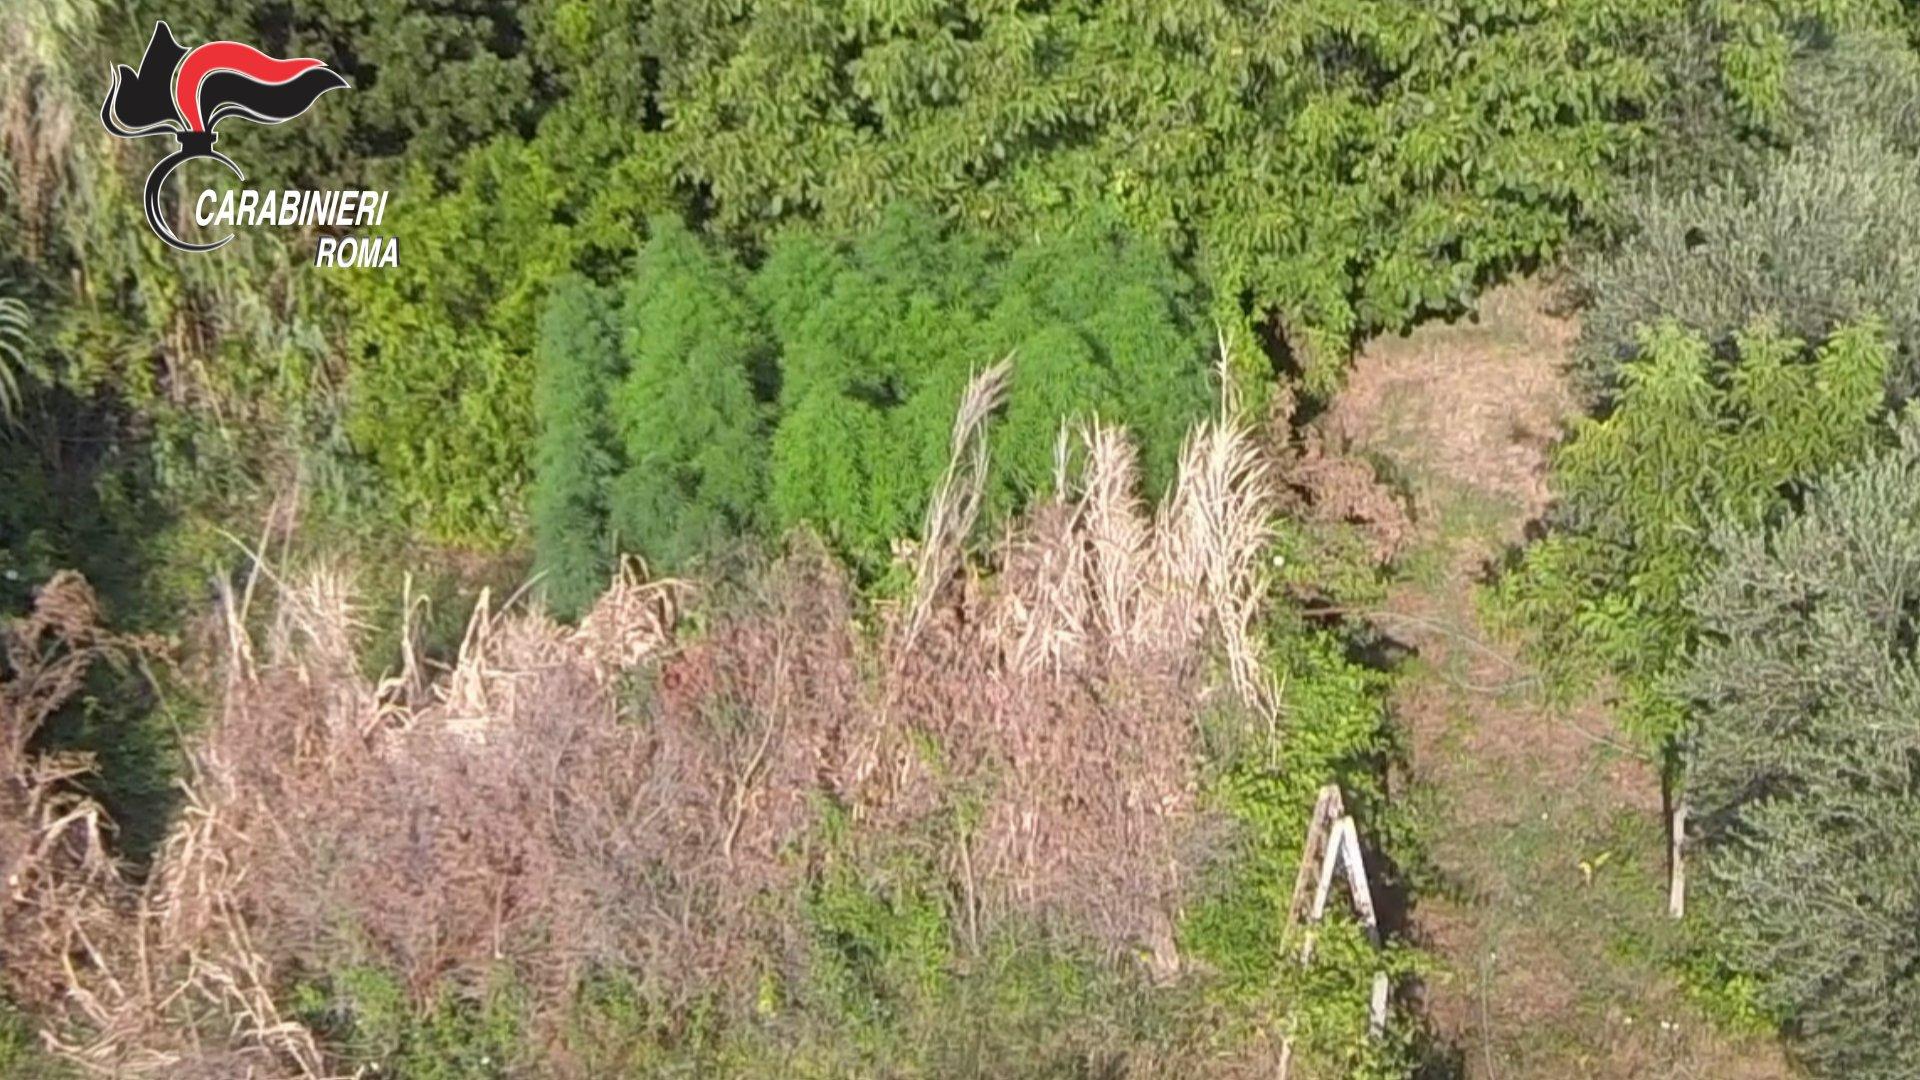 La piantagione di marijuana individuata dai Carabinieri vista dall'alto__